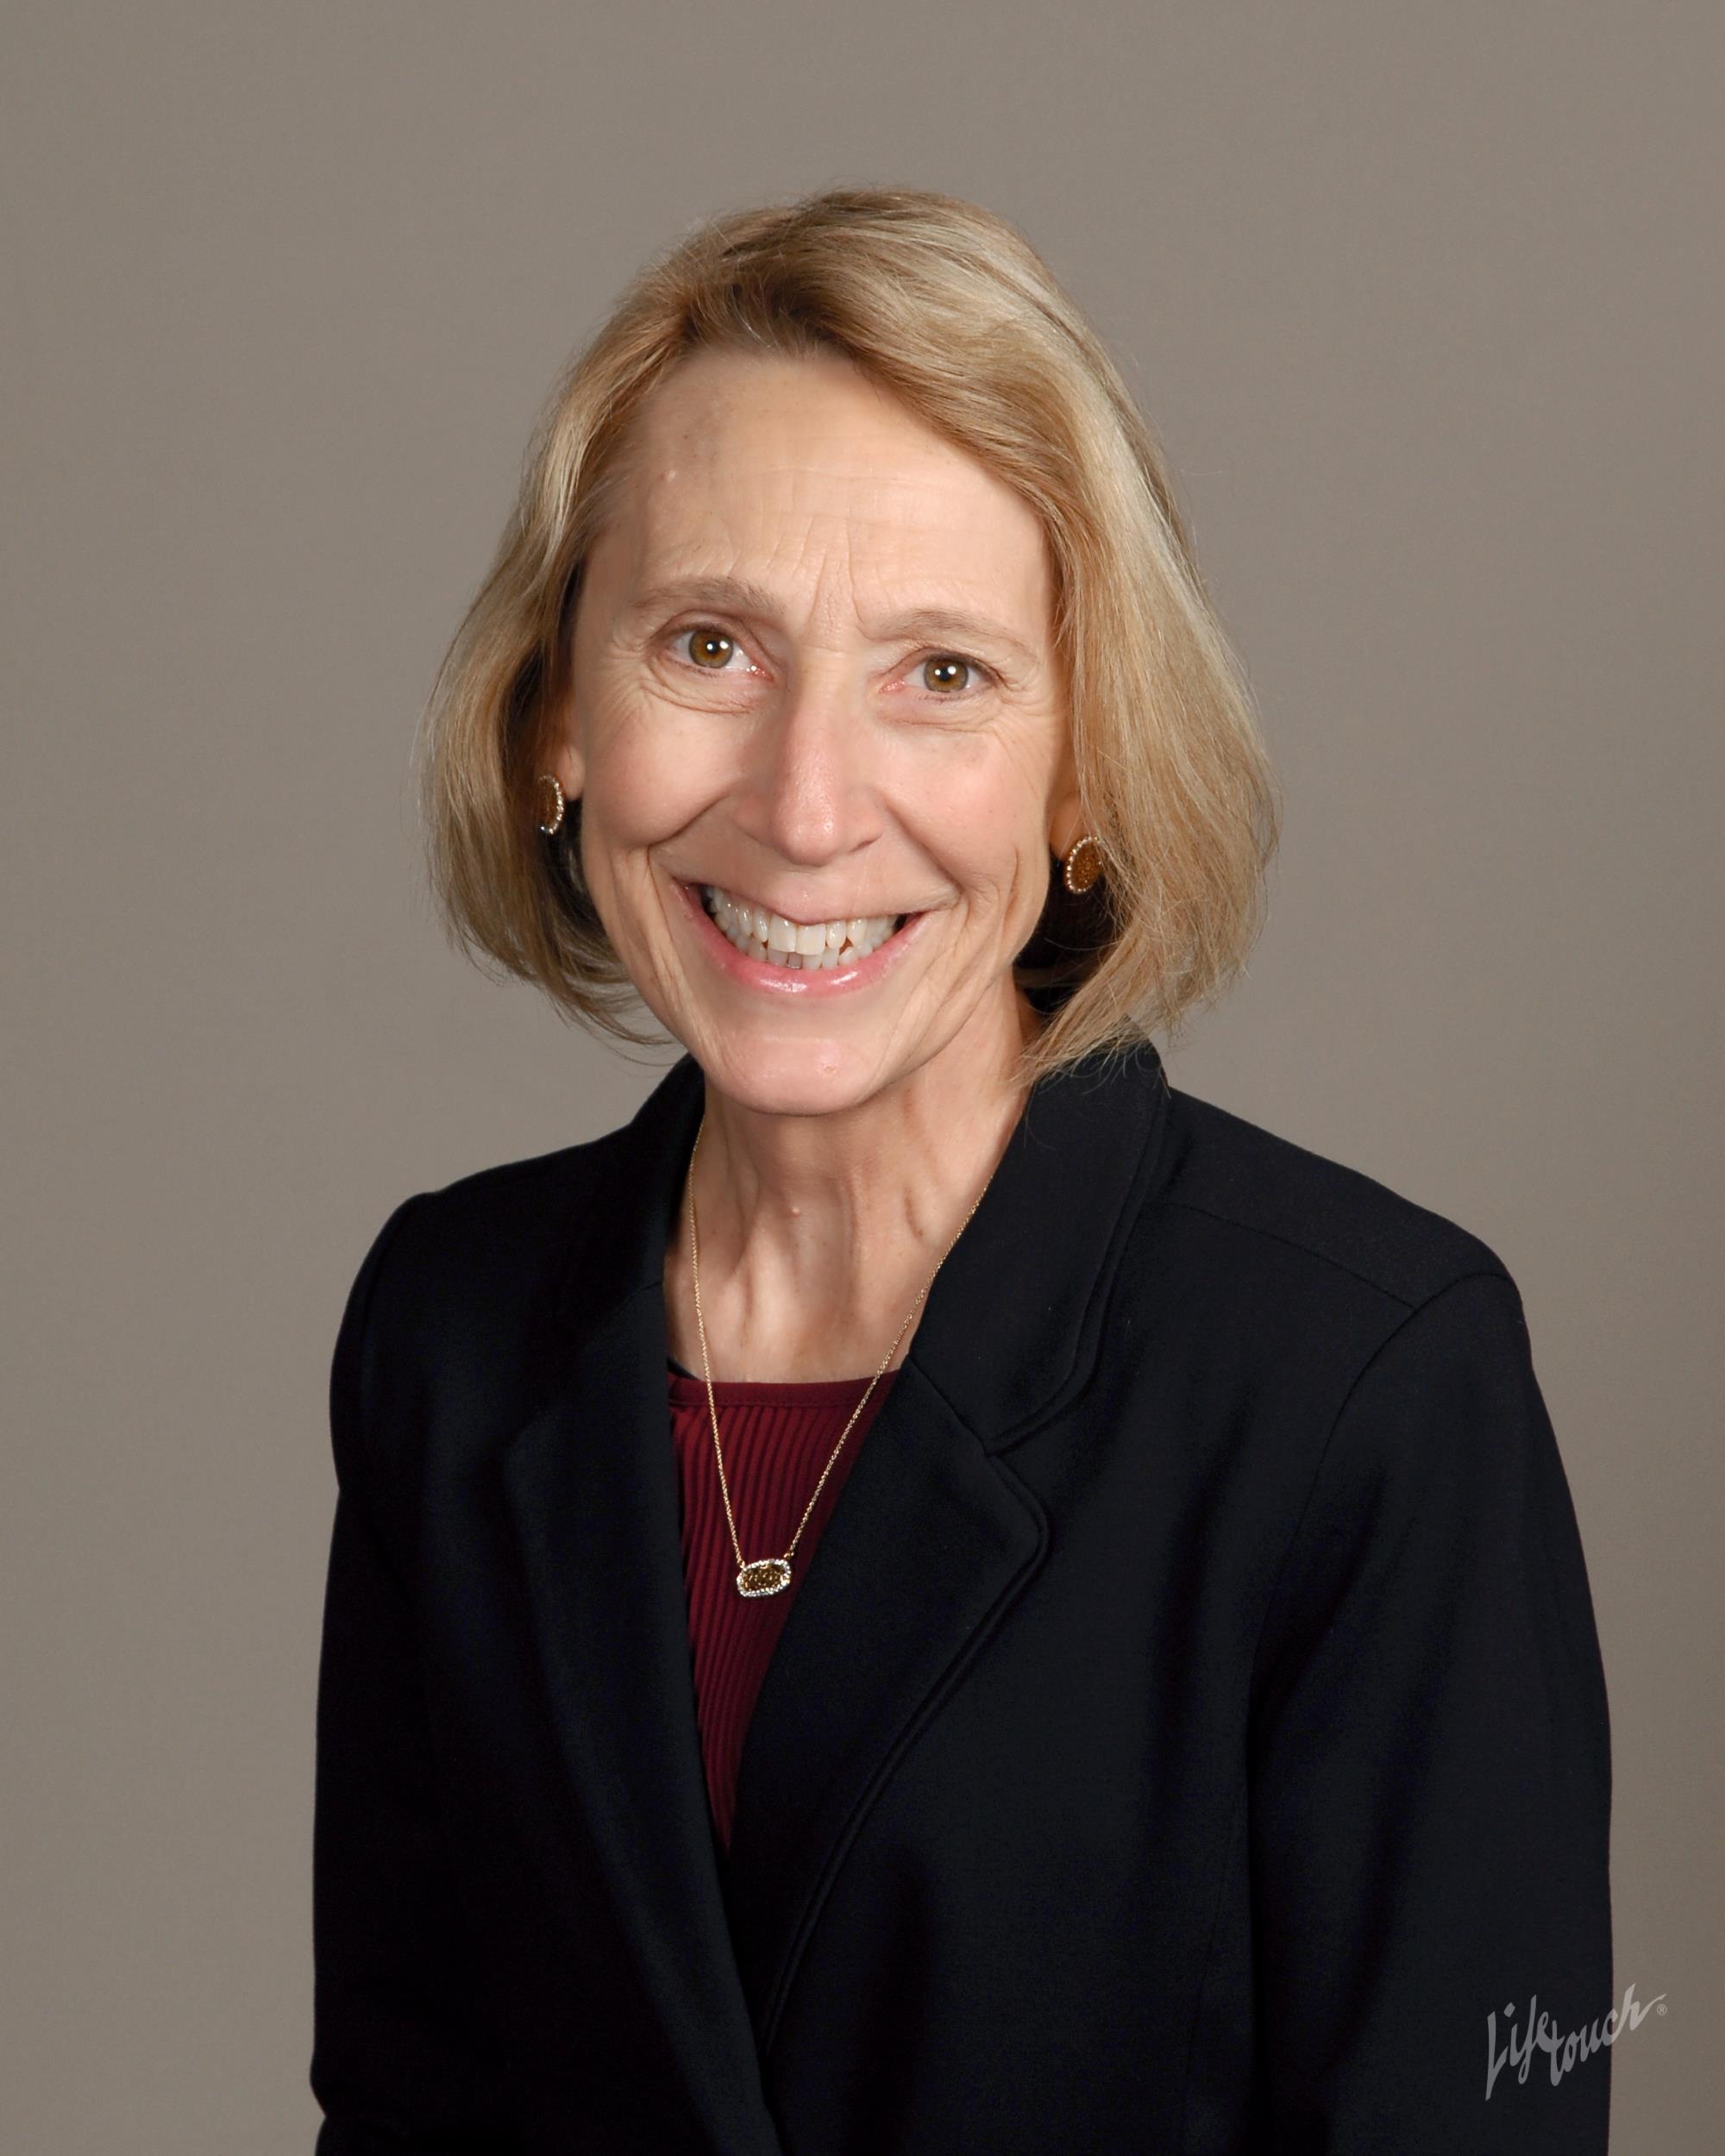 JoAnn Gieselman, Board Member